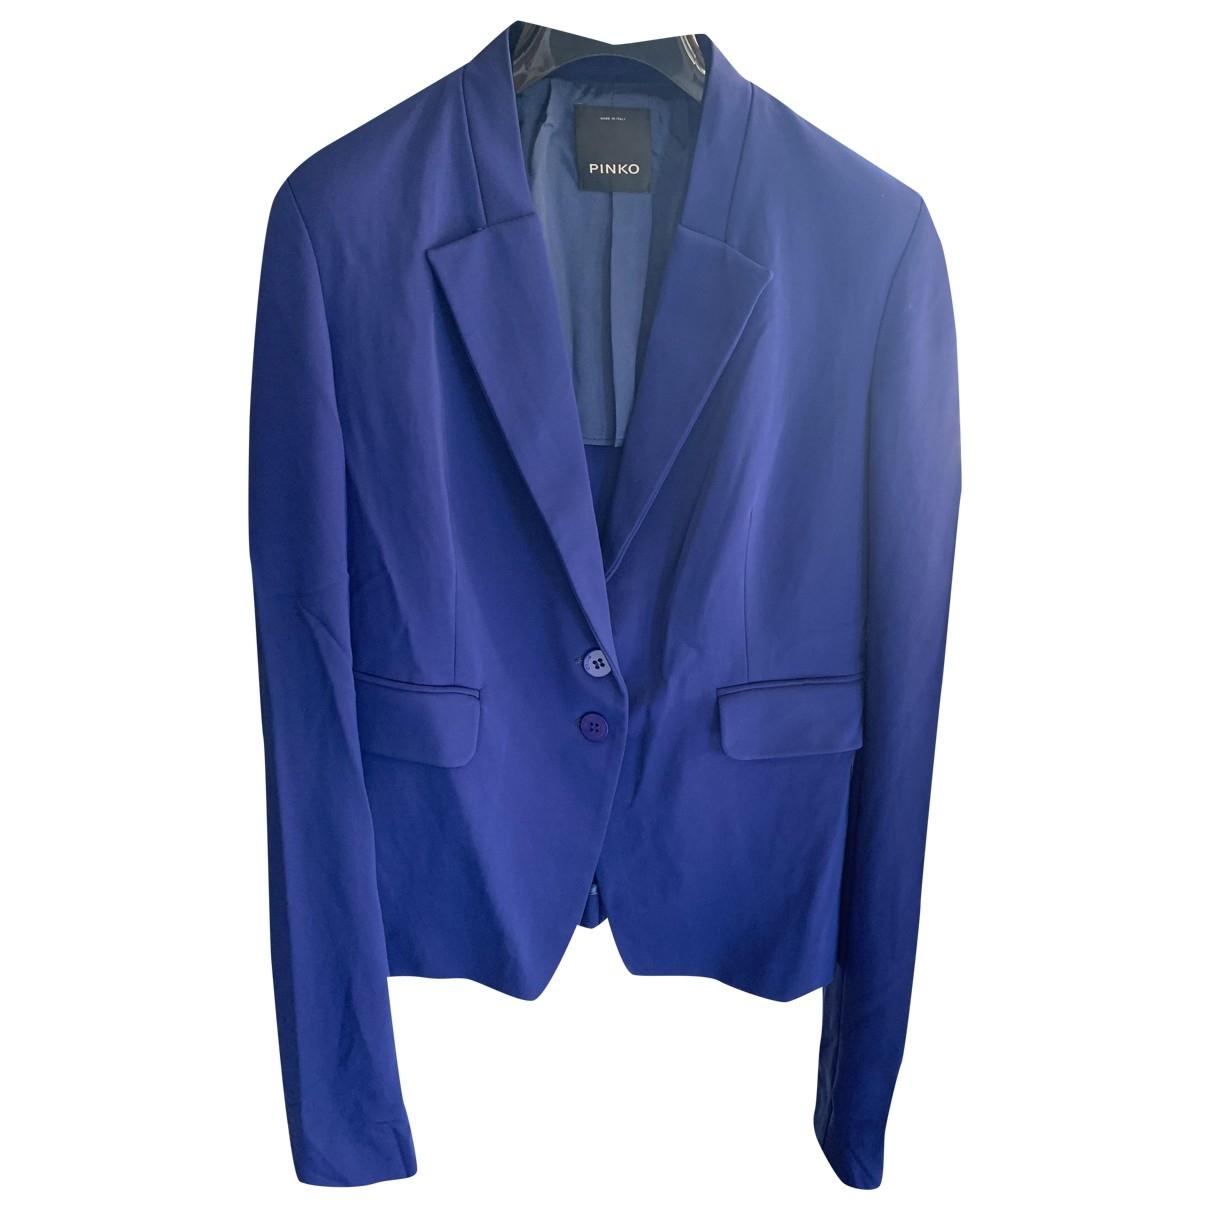 Pinko \N Jacke in  Blau Polyester